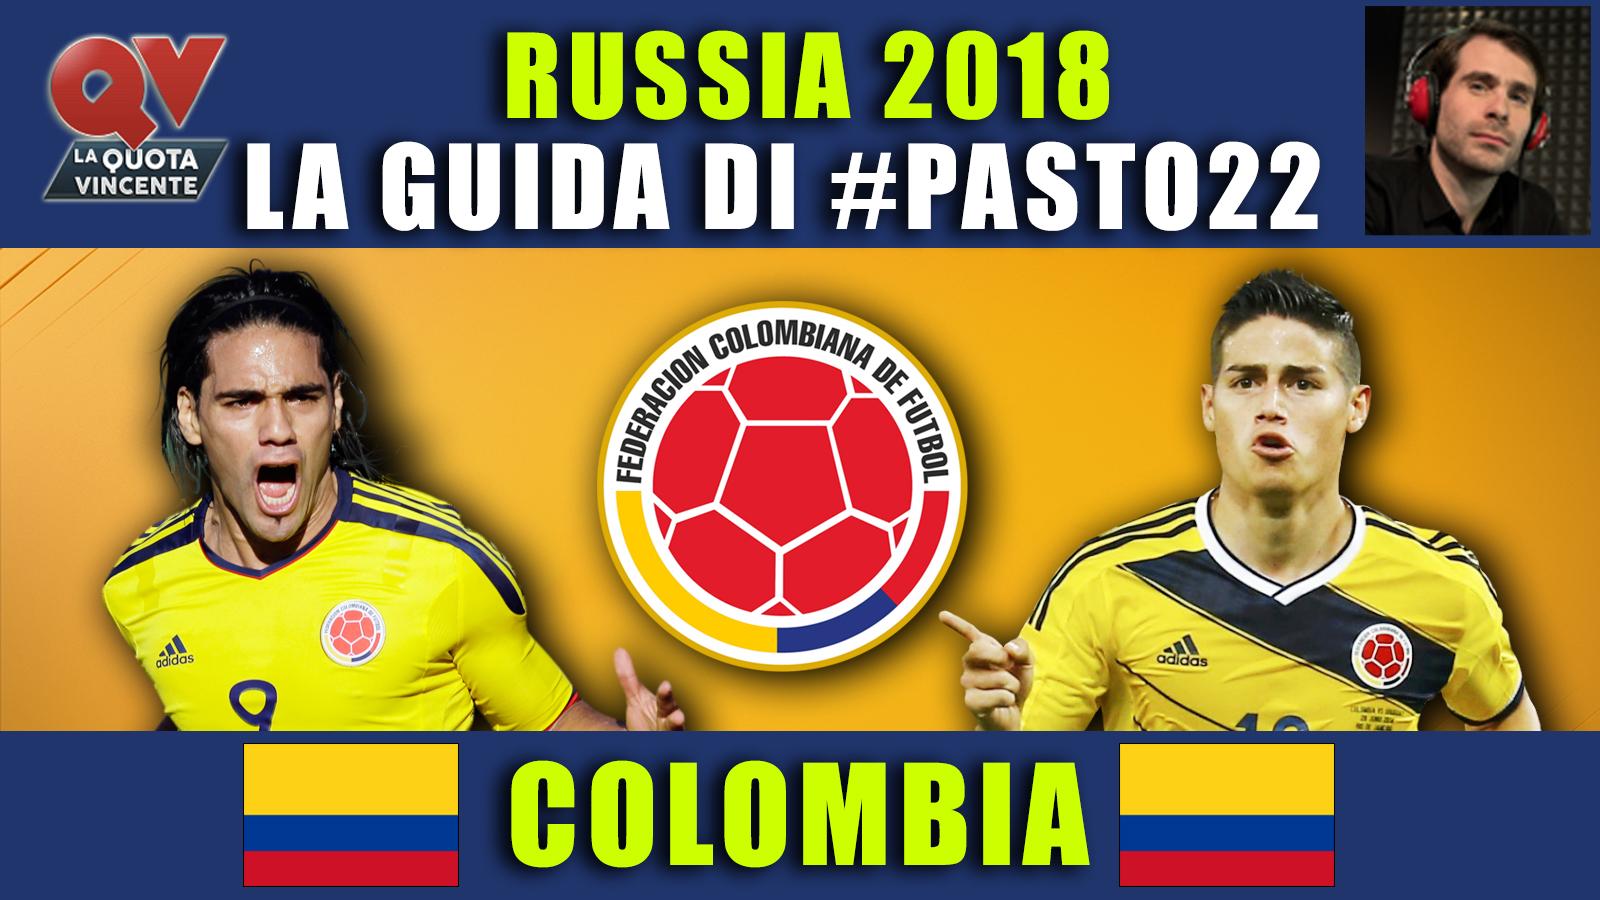 Guida Mondiali Russia 2018 Colombia